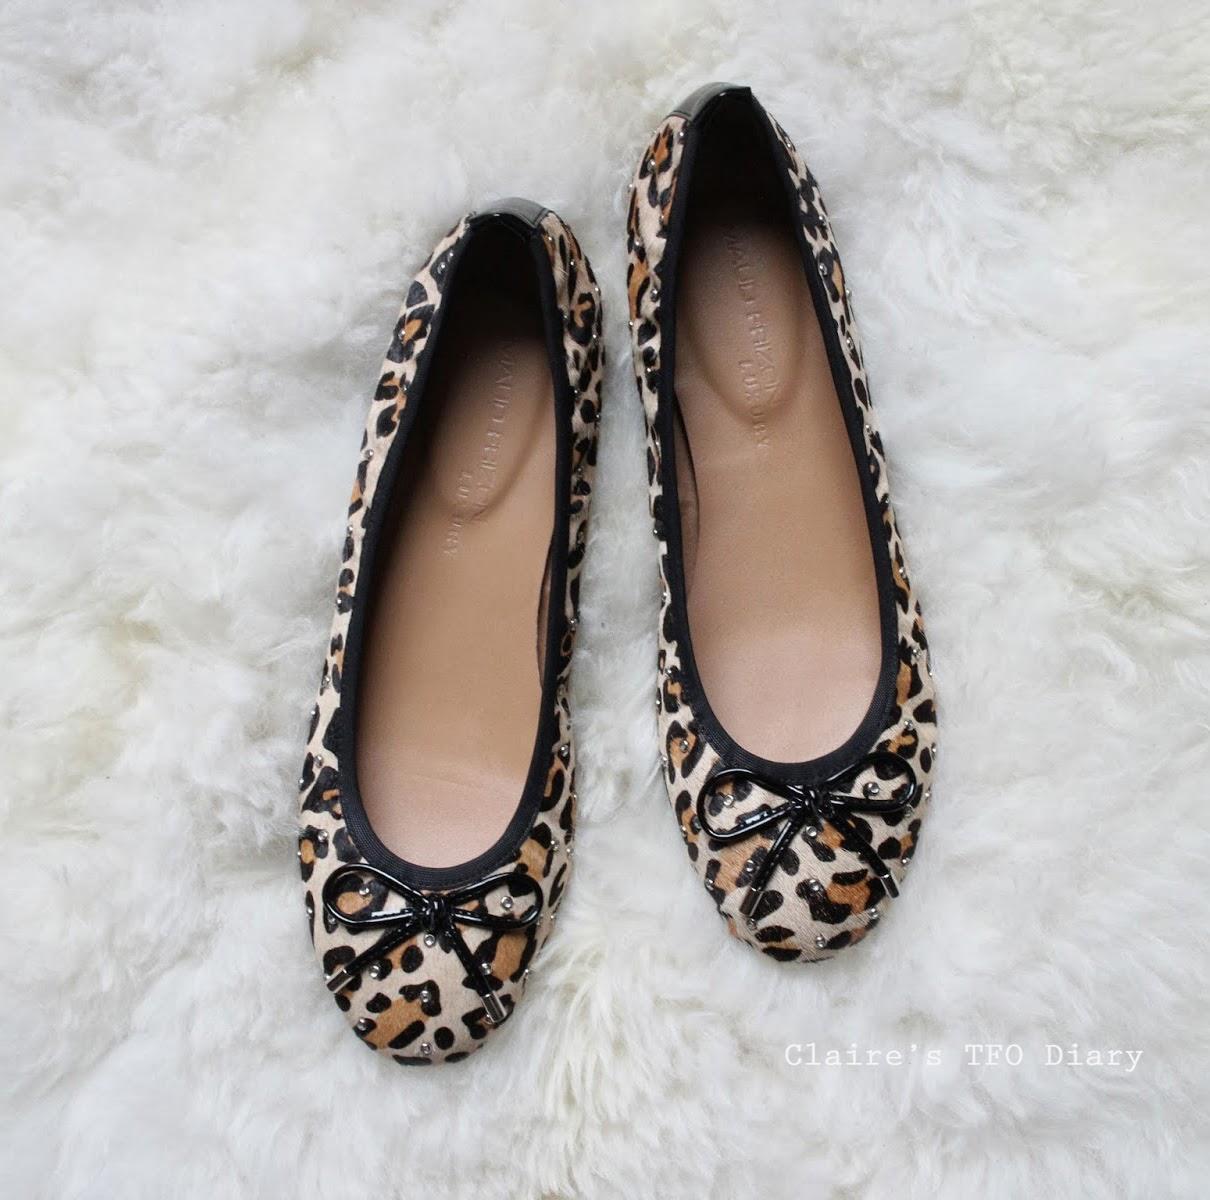 豹紋平底鞋 / Leopard Flat